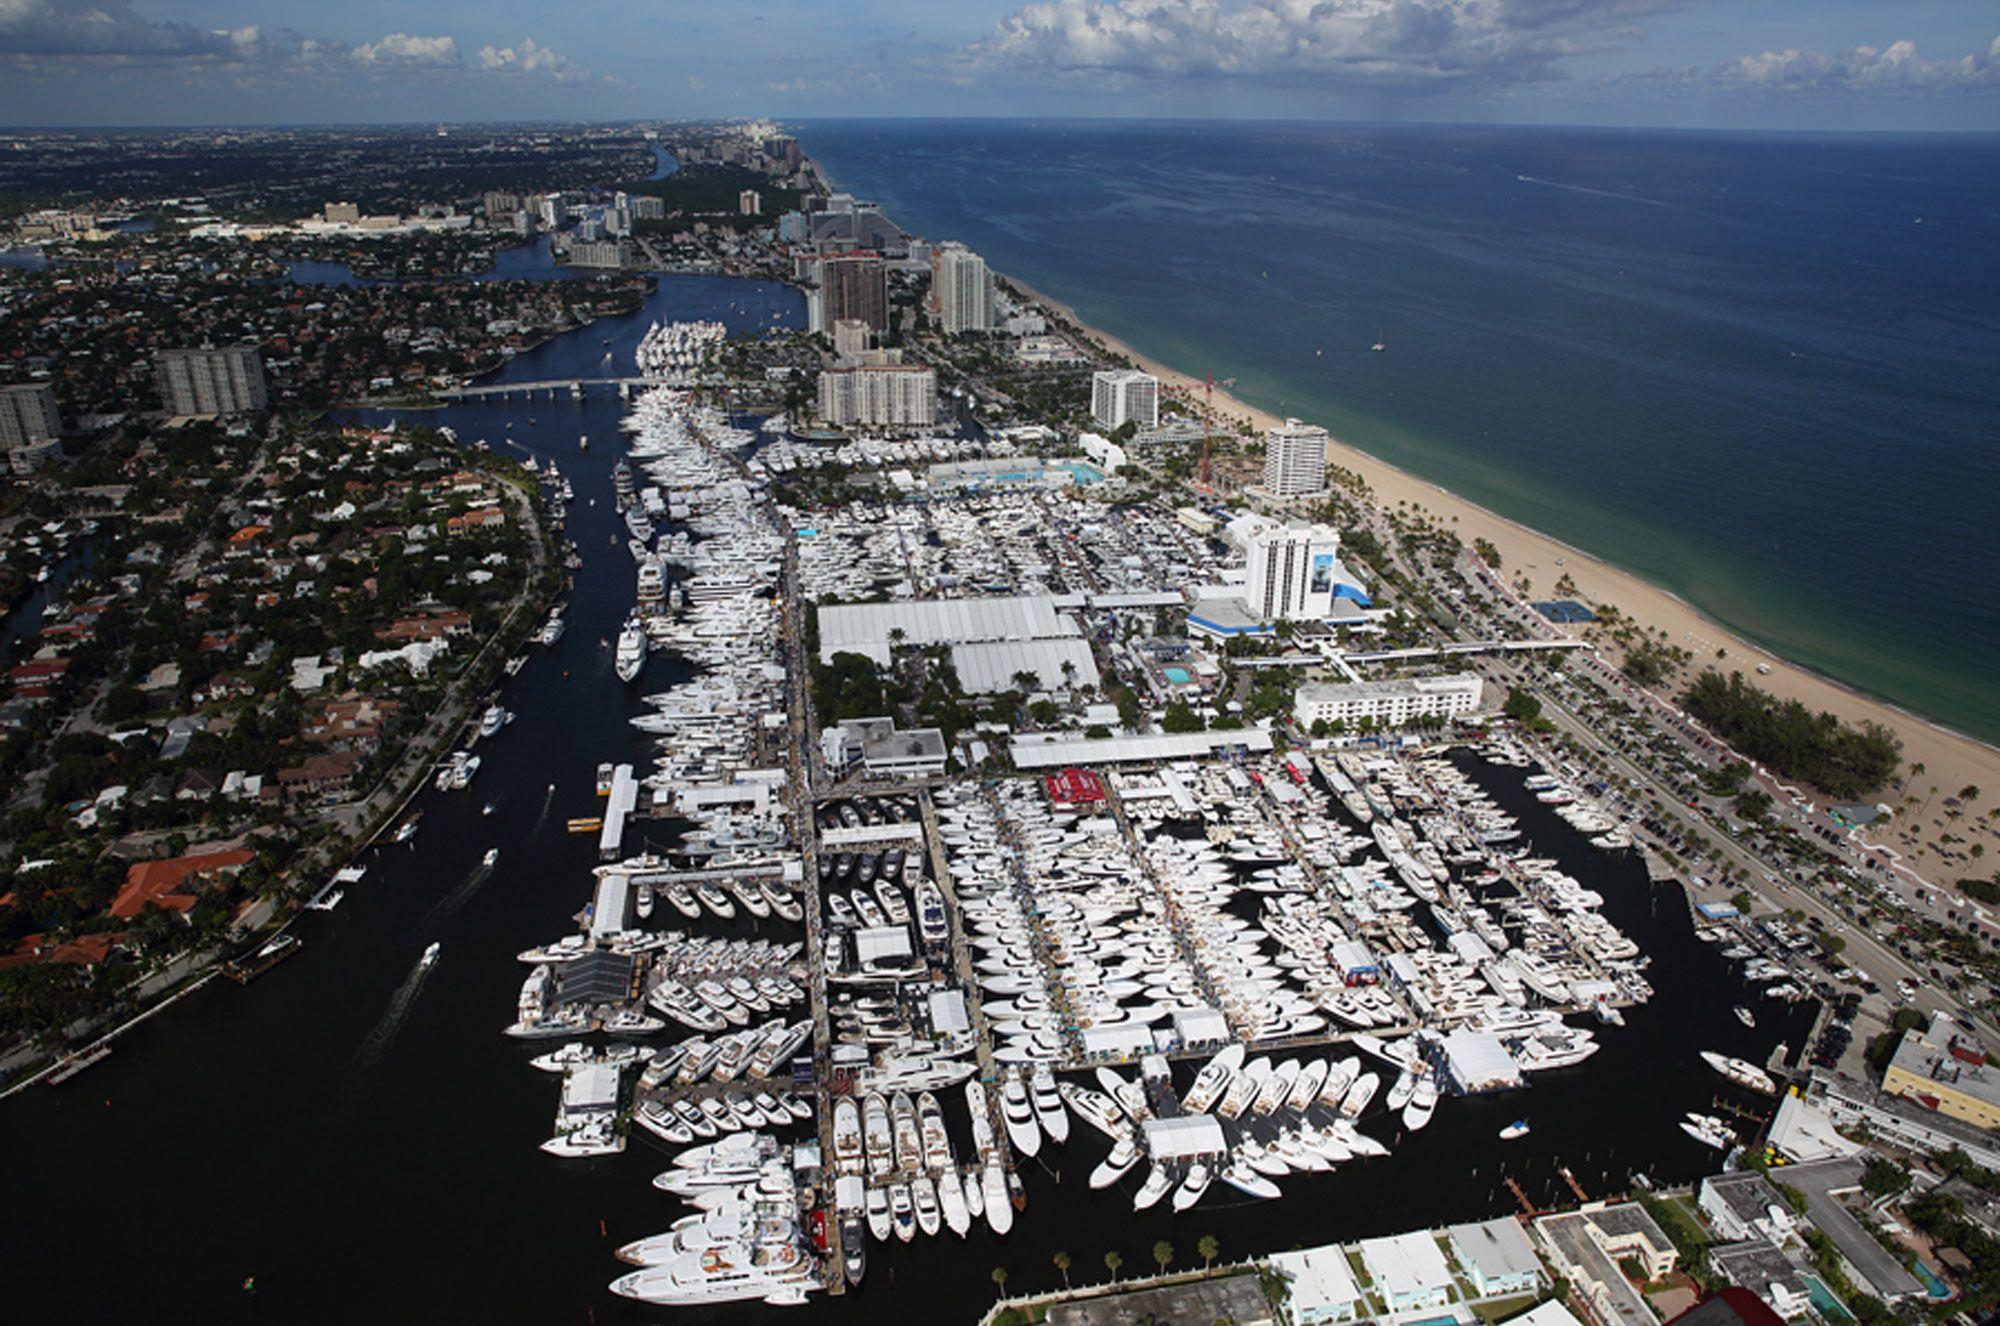 Le barche più interessanti del salone nautico più importante al mondo